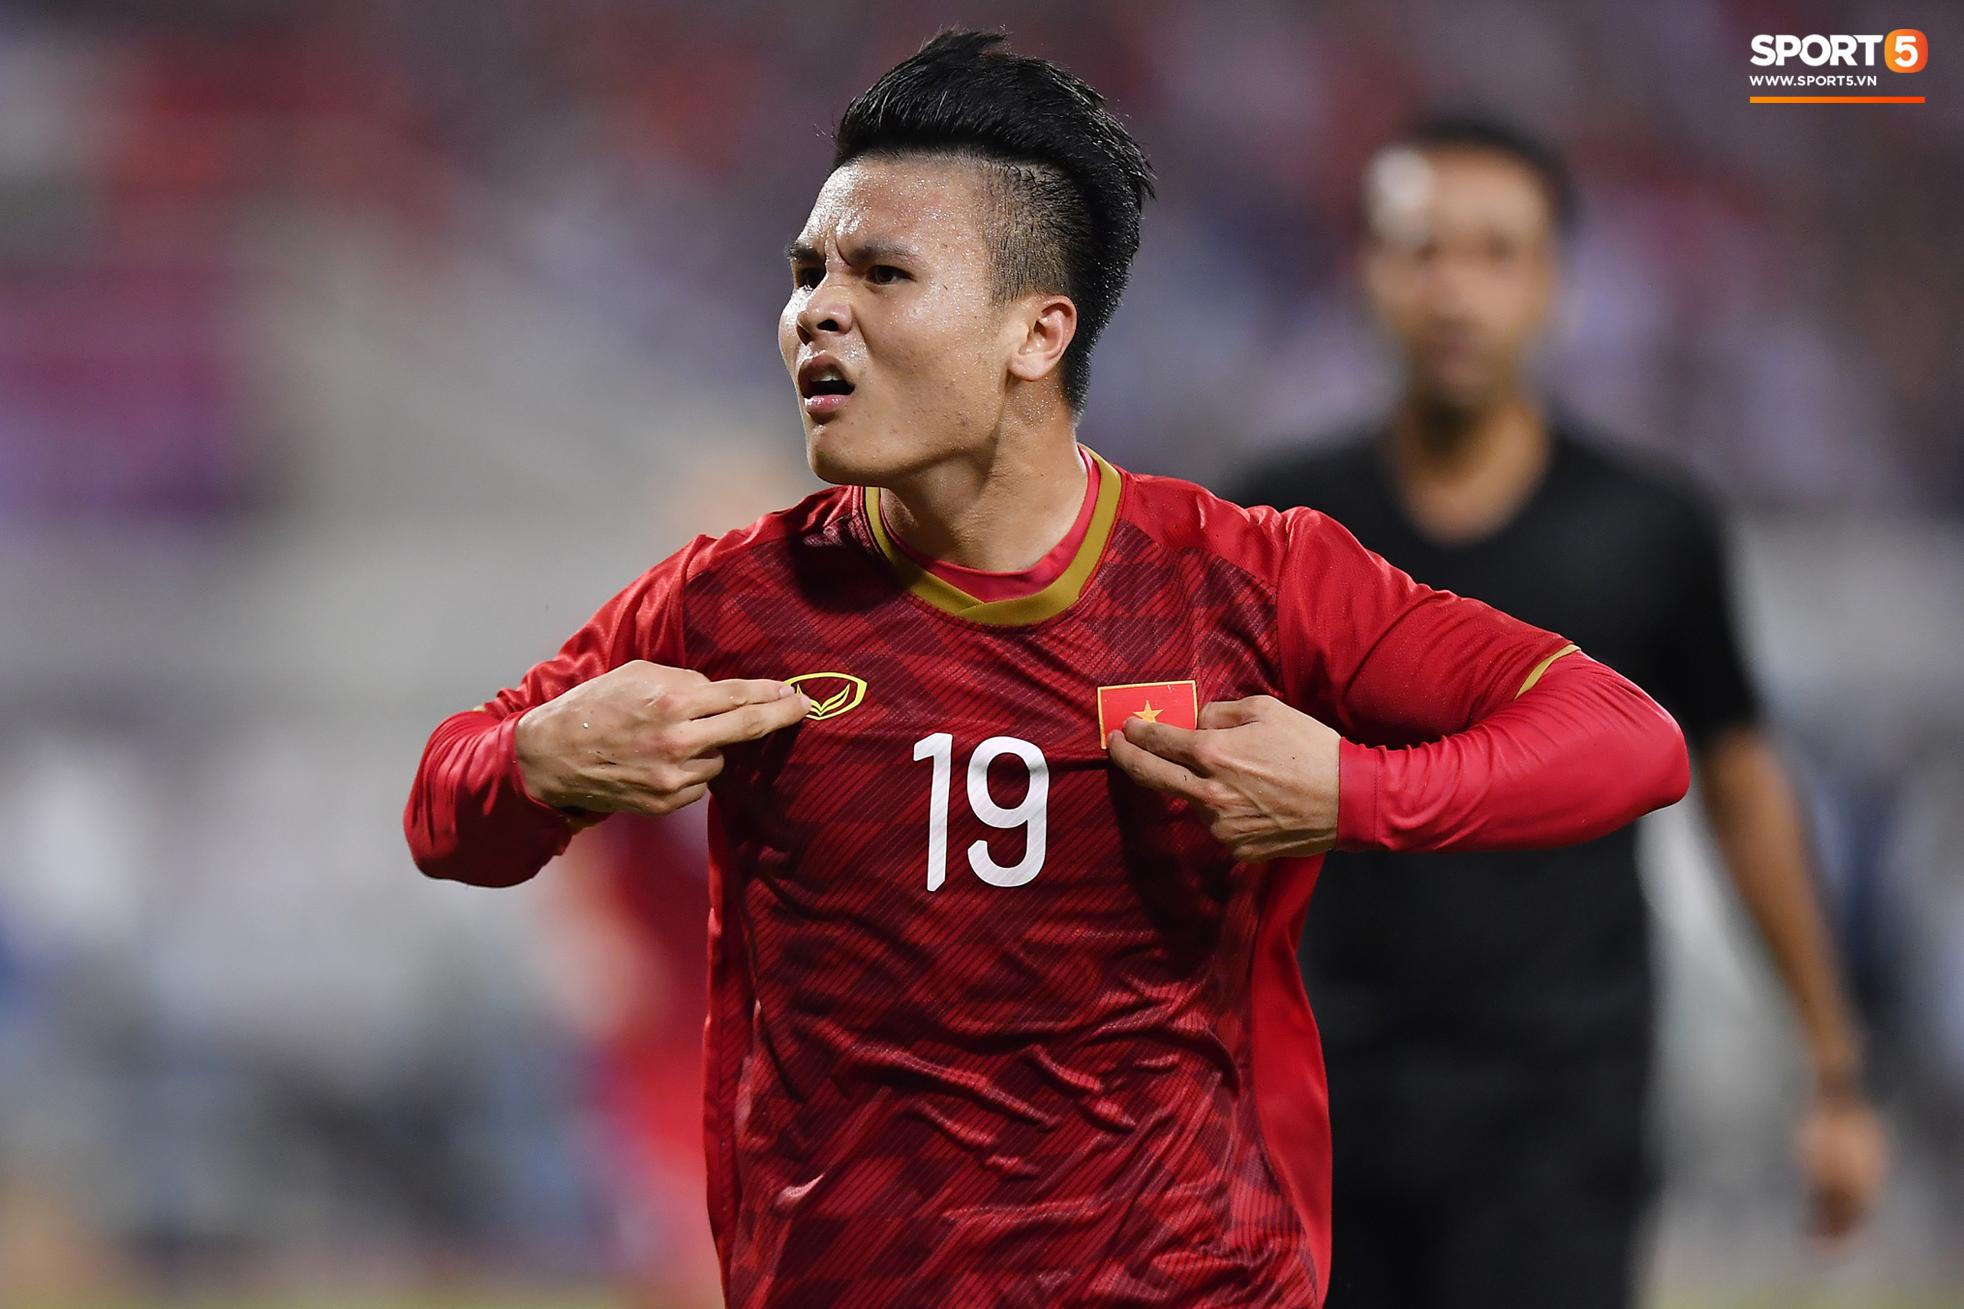 Dàn cầu thủ sinh vào tháng 4 của Việt Nam: Ghép lại sơ sơ cũng được một đội hình rất gì và này nọ-6